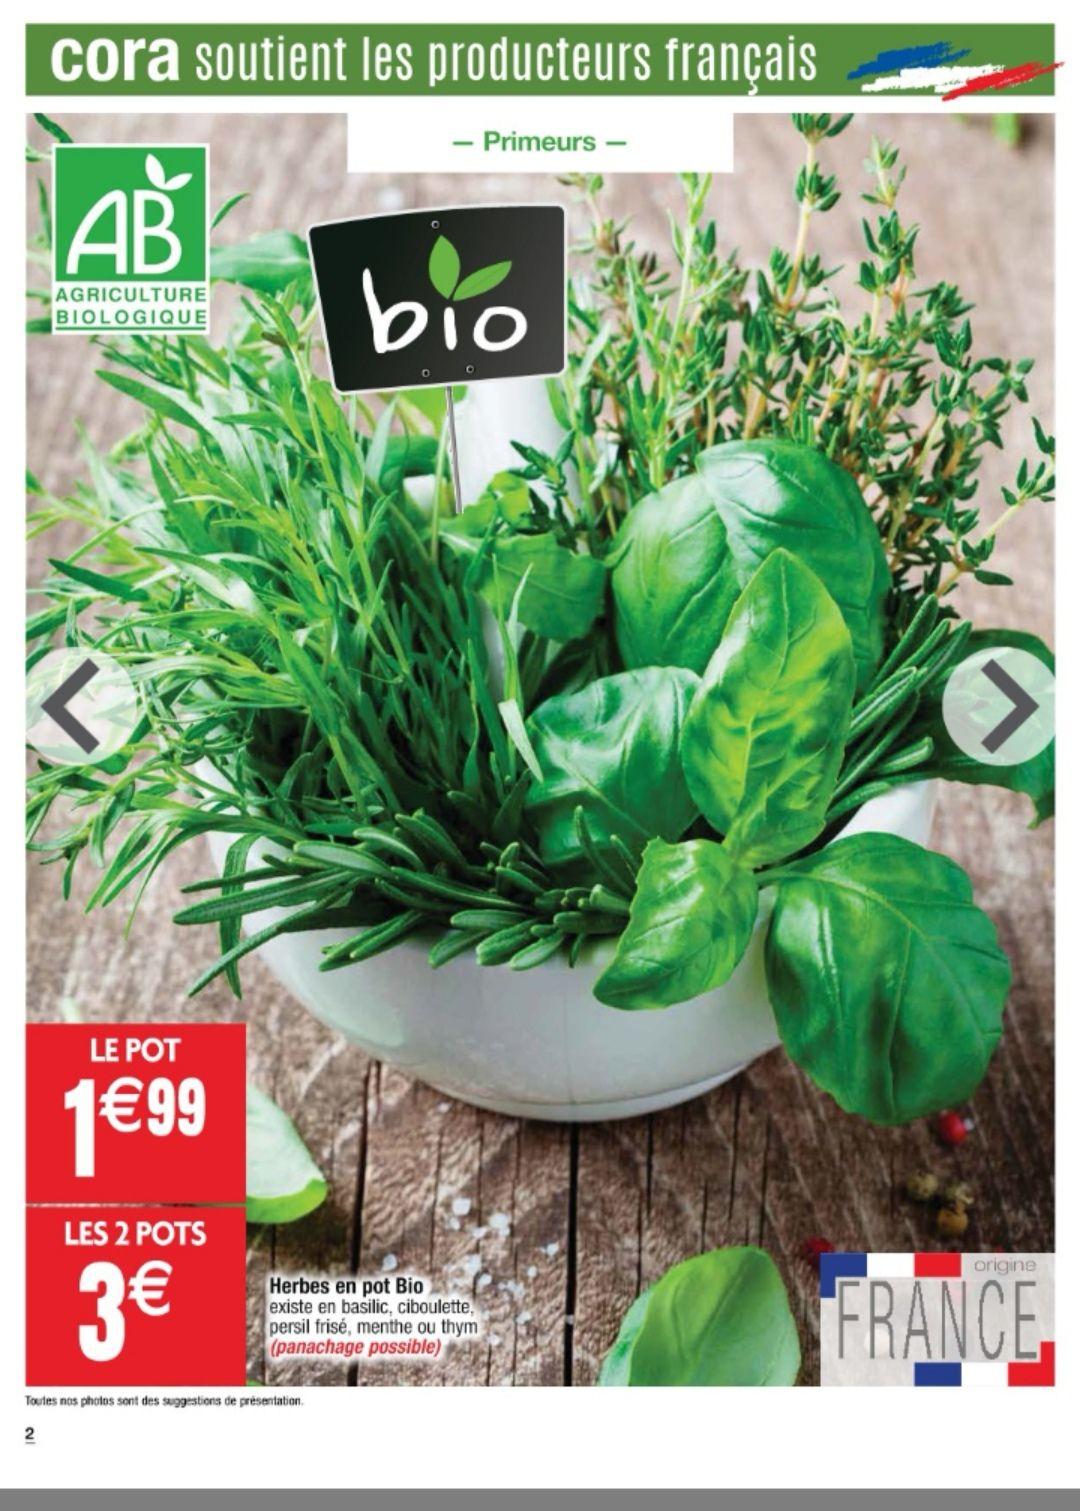 Lot de 2 pots d'herbes aromatiques BIO (Variétés au choix) - Origine France